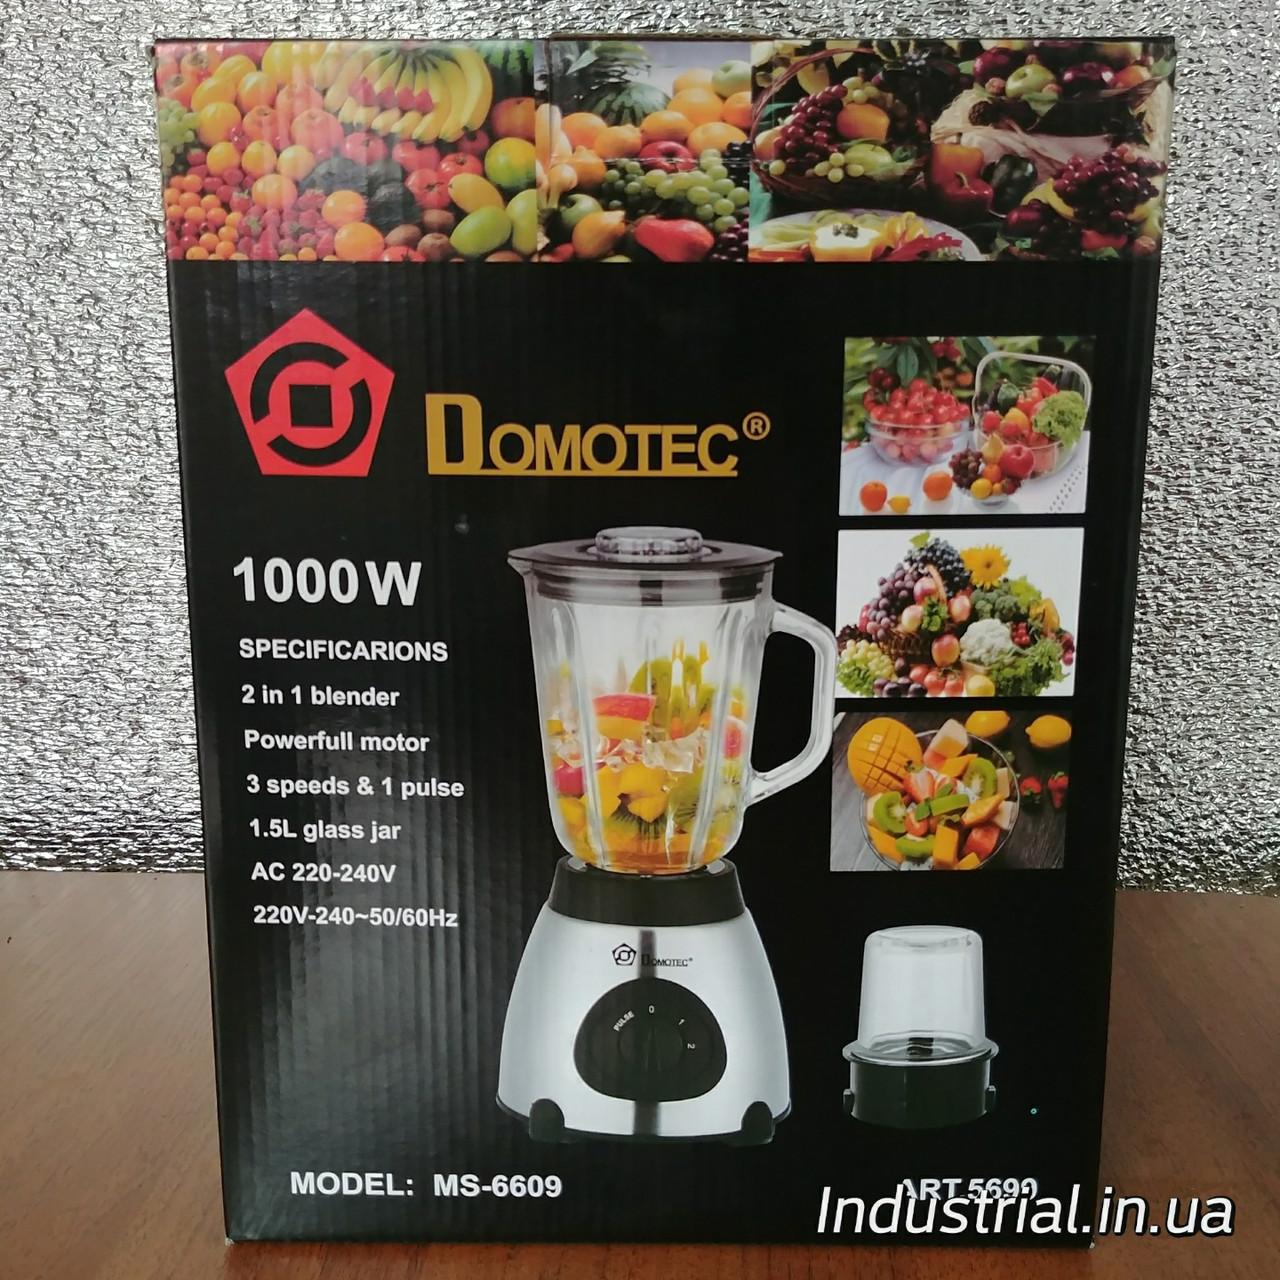 Блендер DOMOTEC MS-6609 2 в 1 с кофемолкой,стационарный 1000 Вт